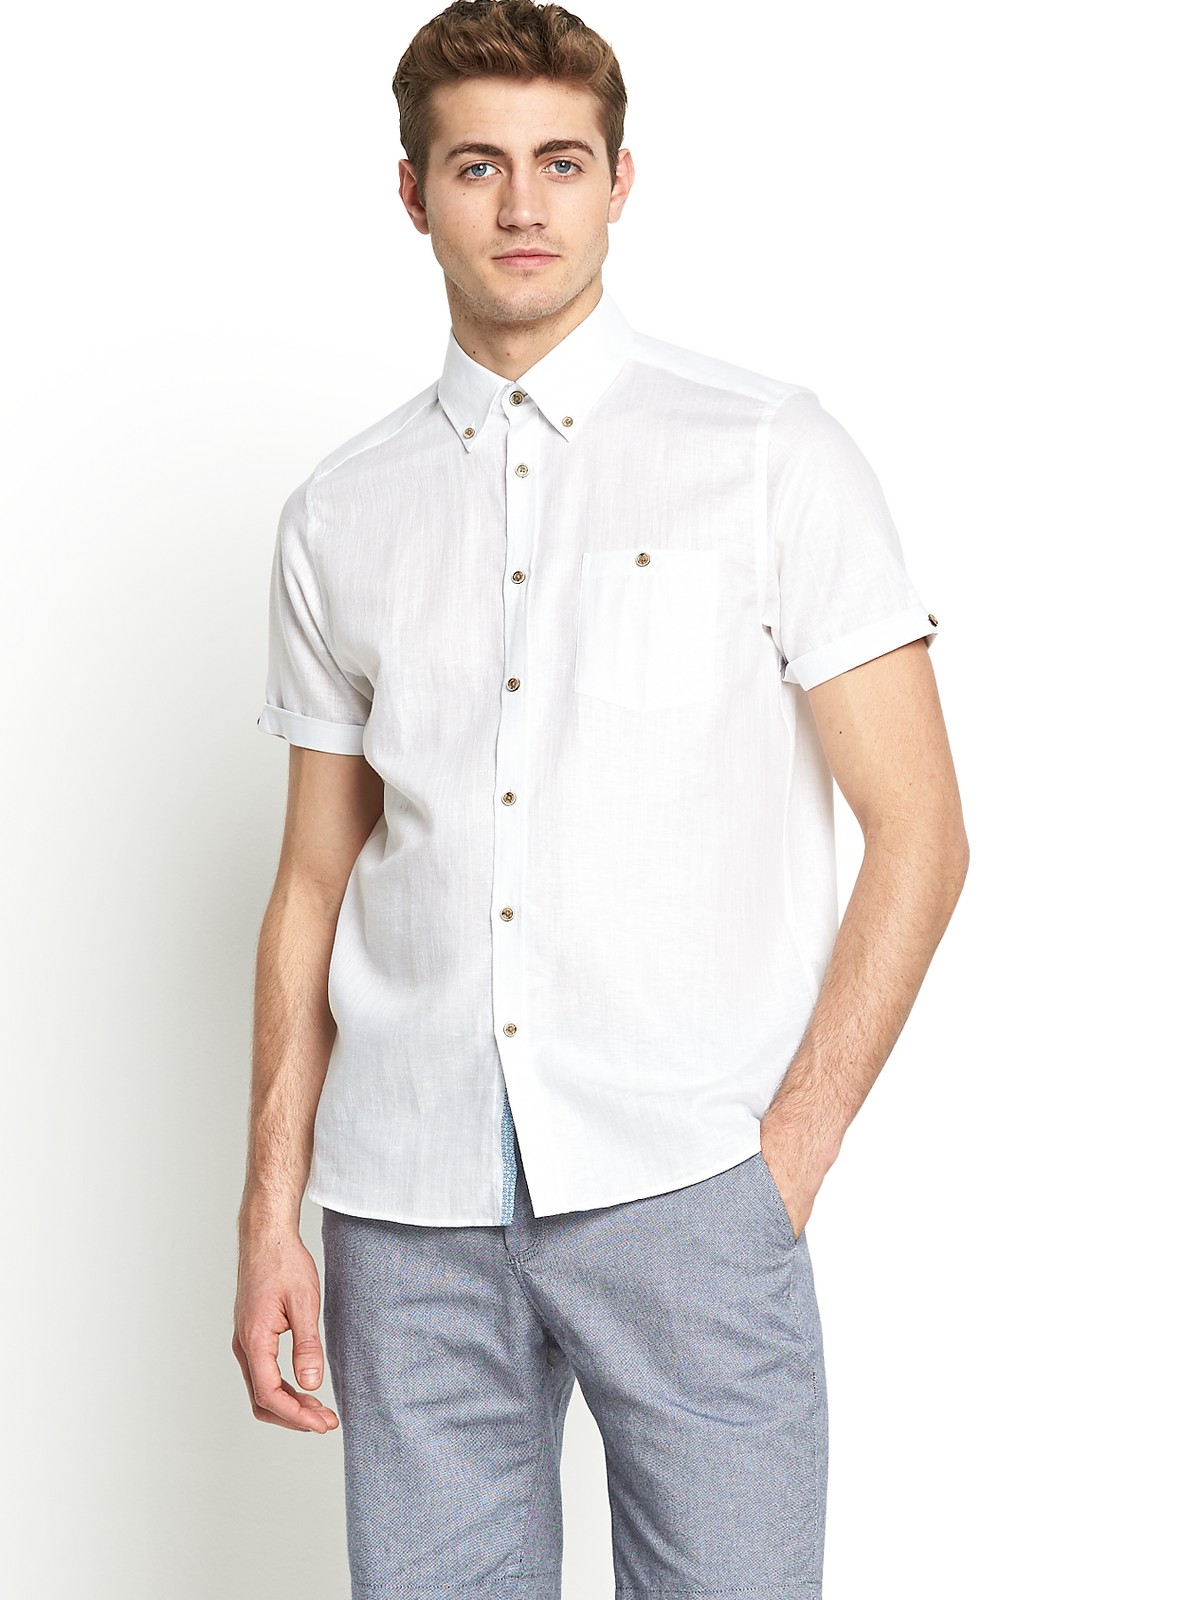 Ted baker short sleeved linen shirt in white for men lyst for Short sleeve linen shirt